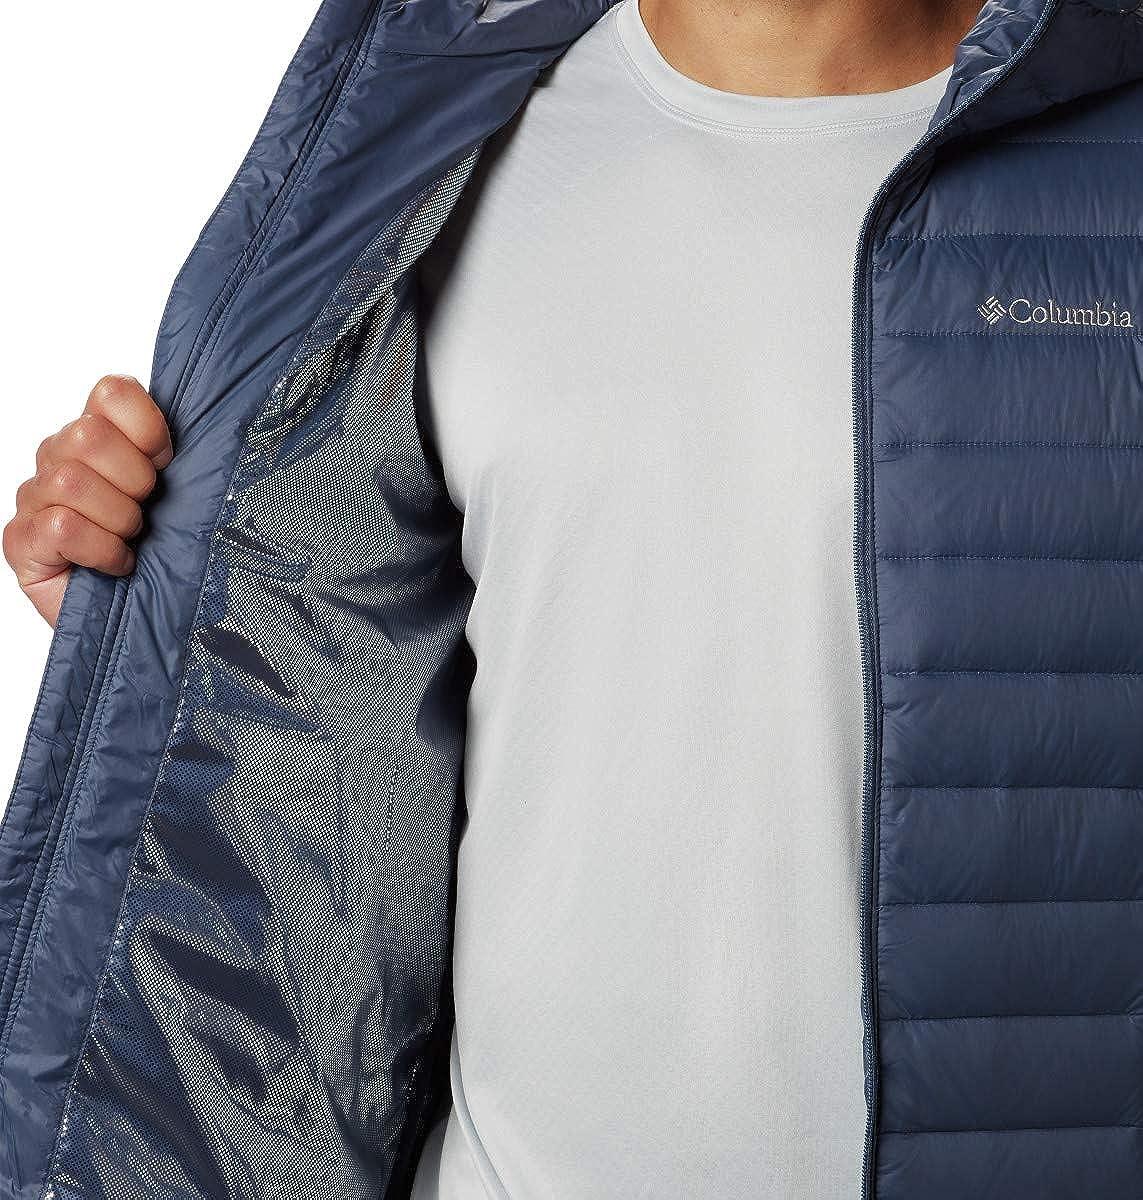 Columbia Men's Voodoo Falls 590 TurboDown Hooded Jacket: Clothing